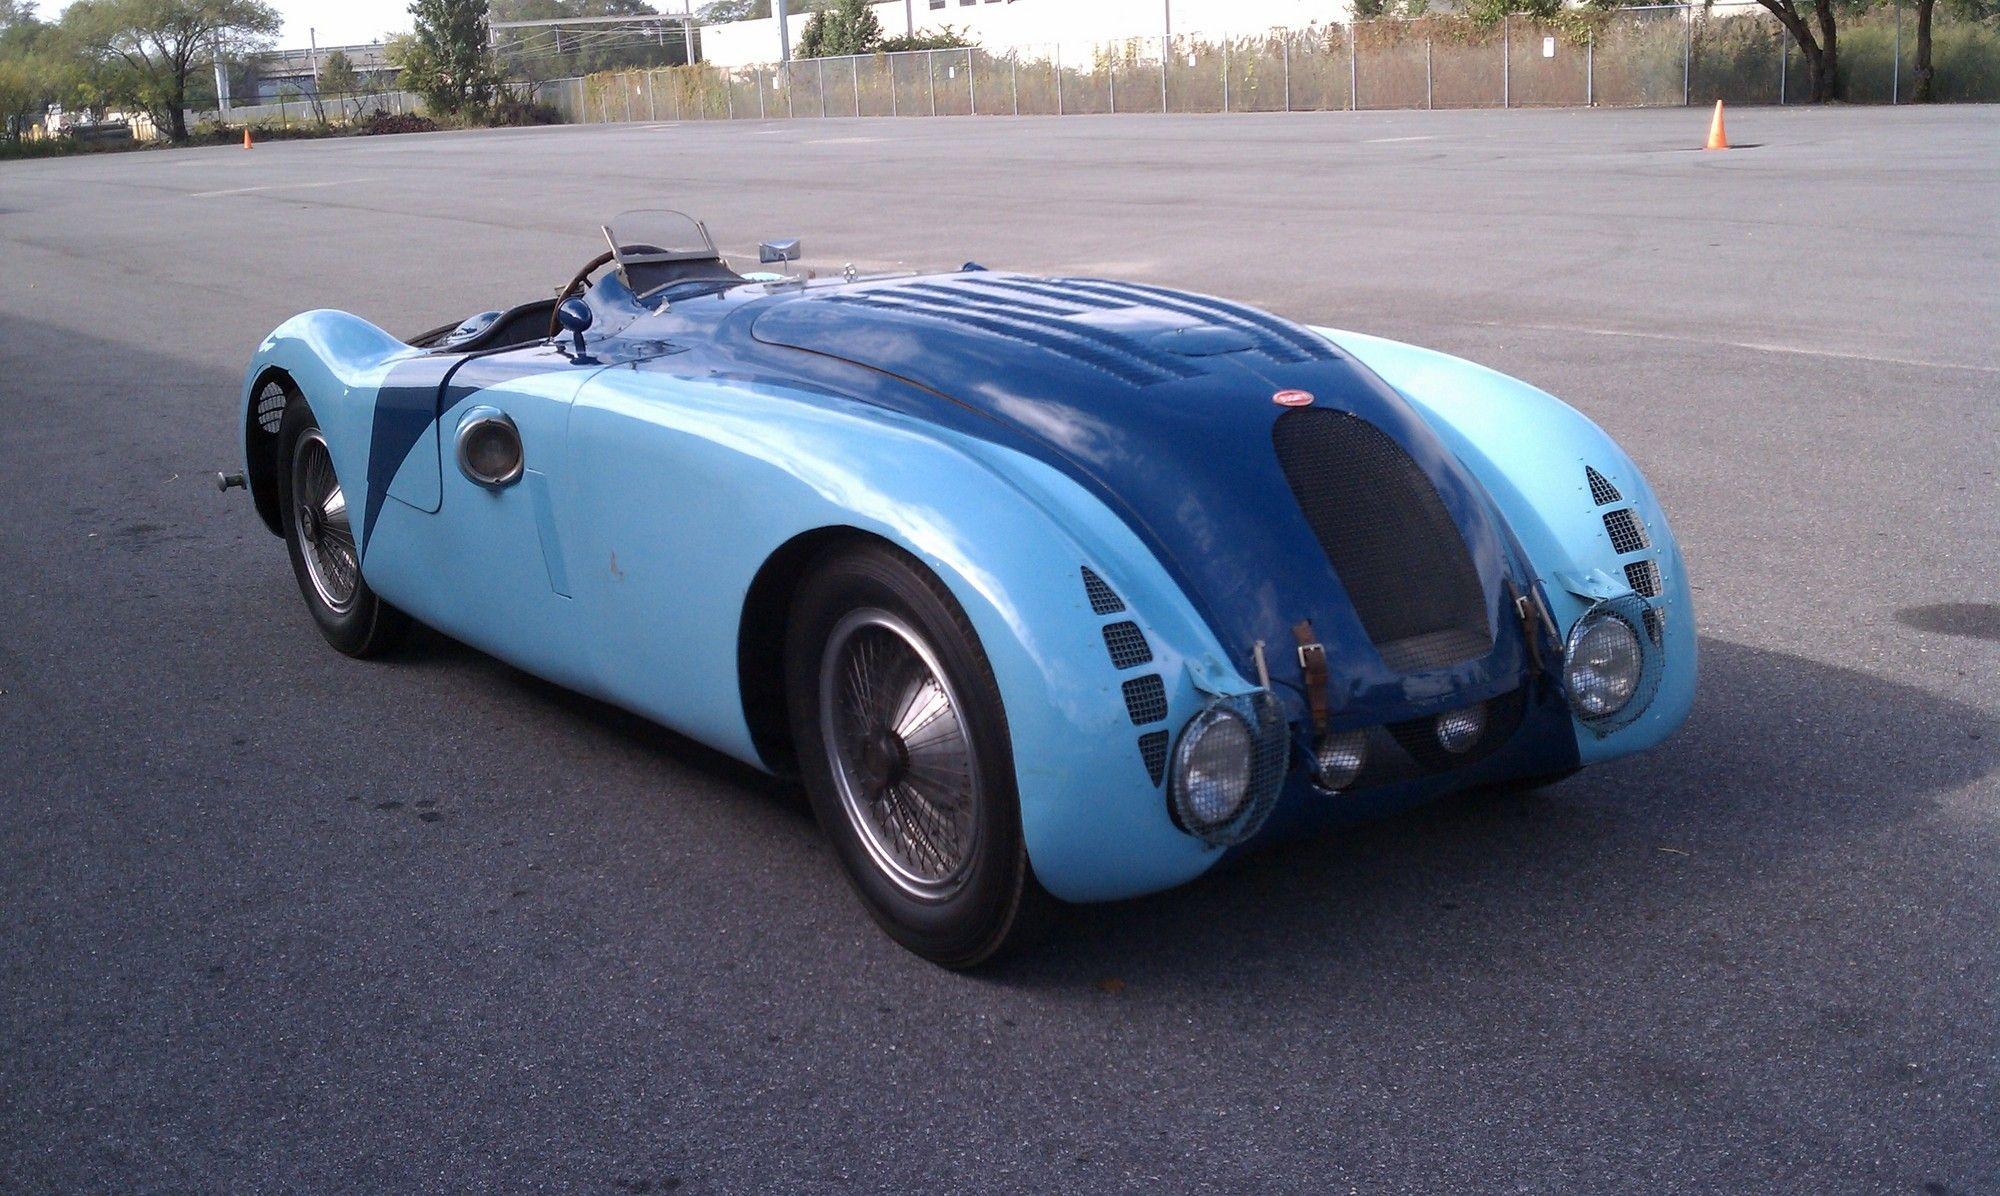 Bugatti 57g Tank Le Mans Slideshow Autoviva Com Bugatti Bugatti Type 57 Bugatti Cars